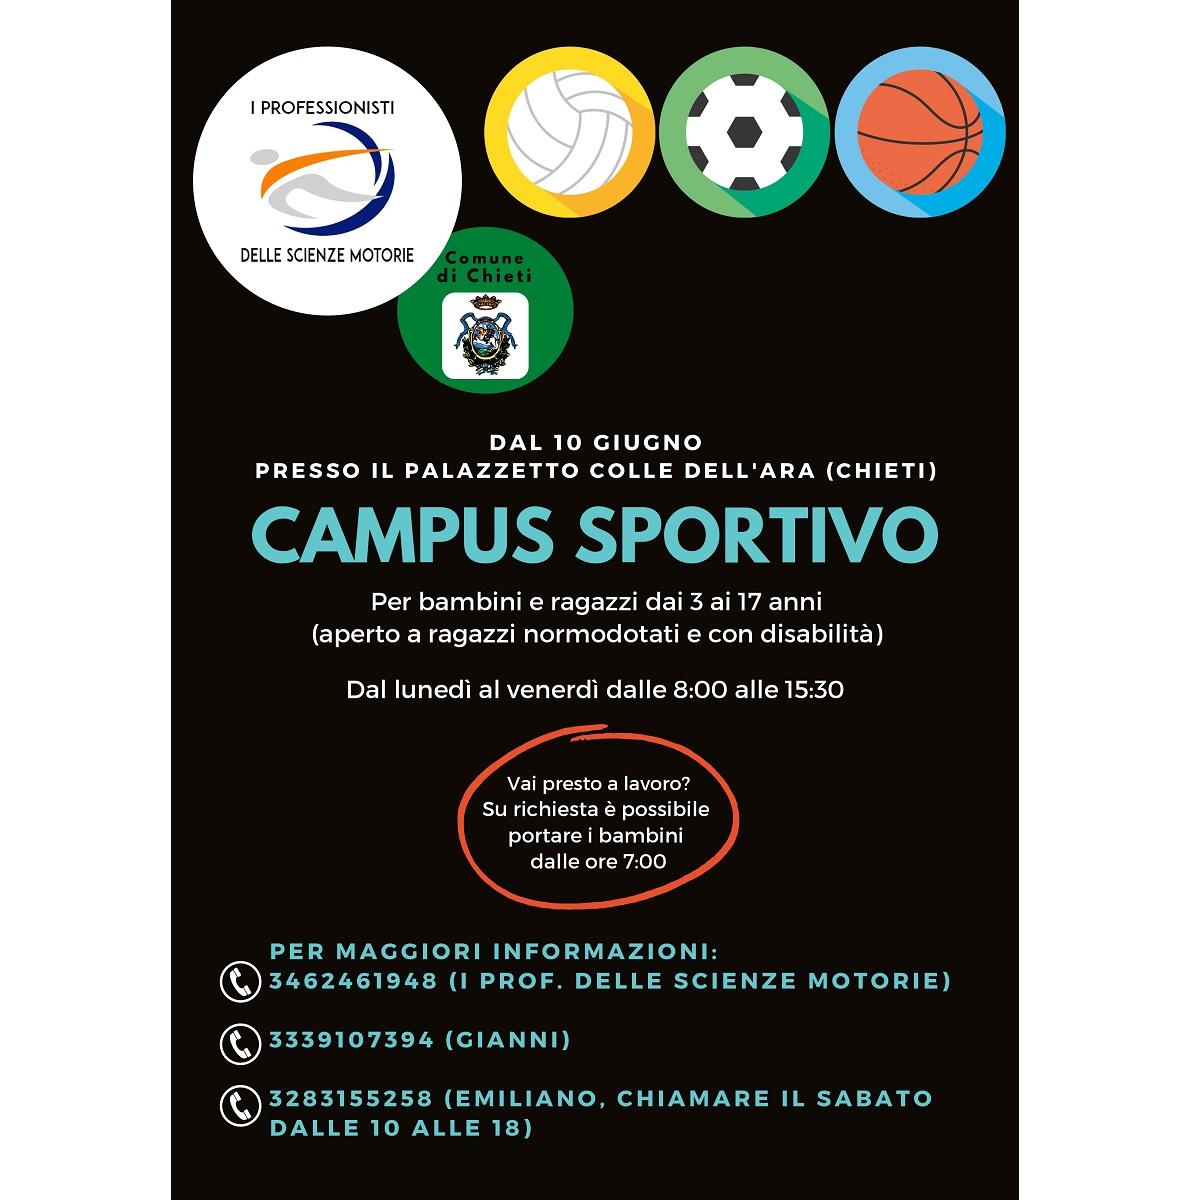 Chieti campus sportivo per bambini e ragazzi foto